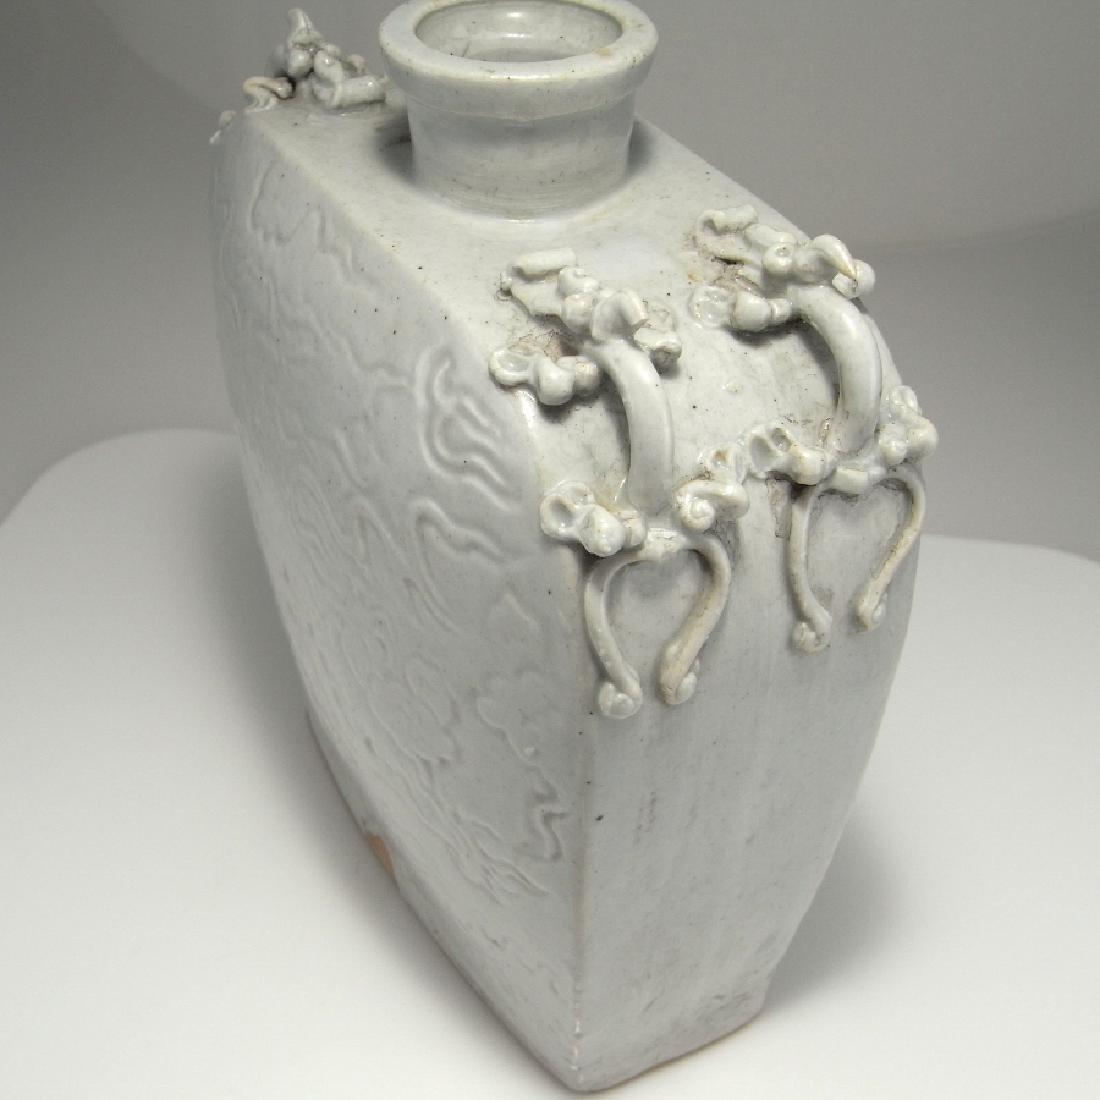 Yuan Dynasty White Wine Vessel Flask - 3